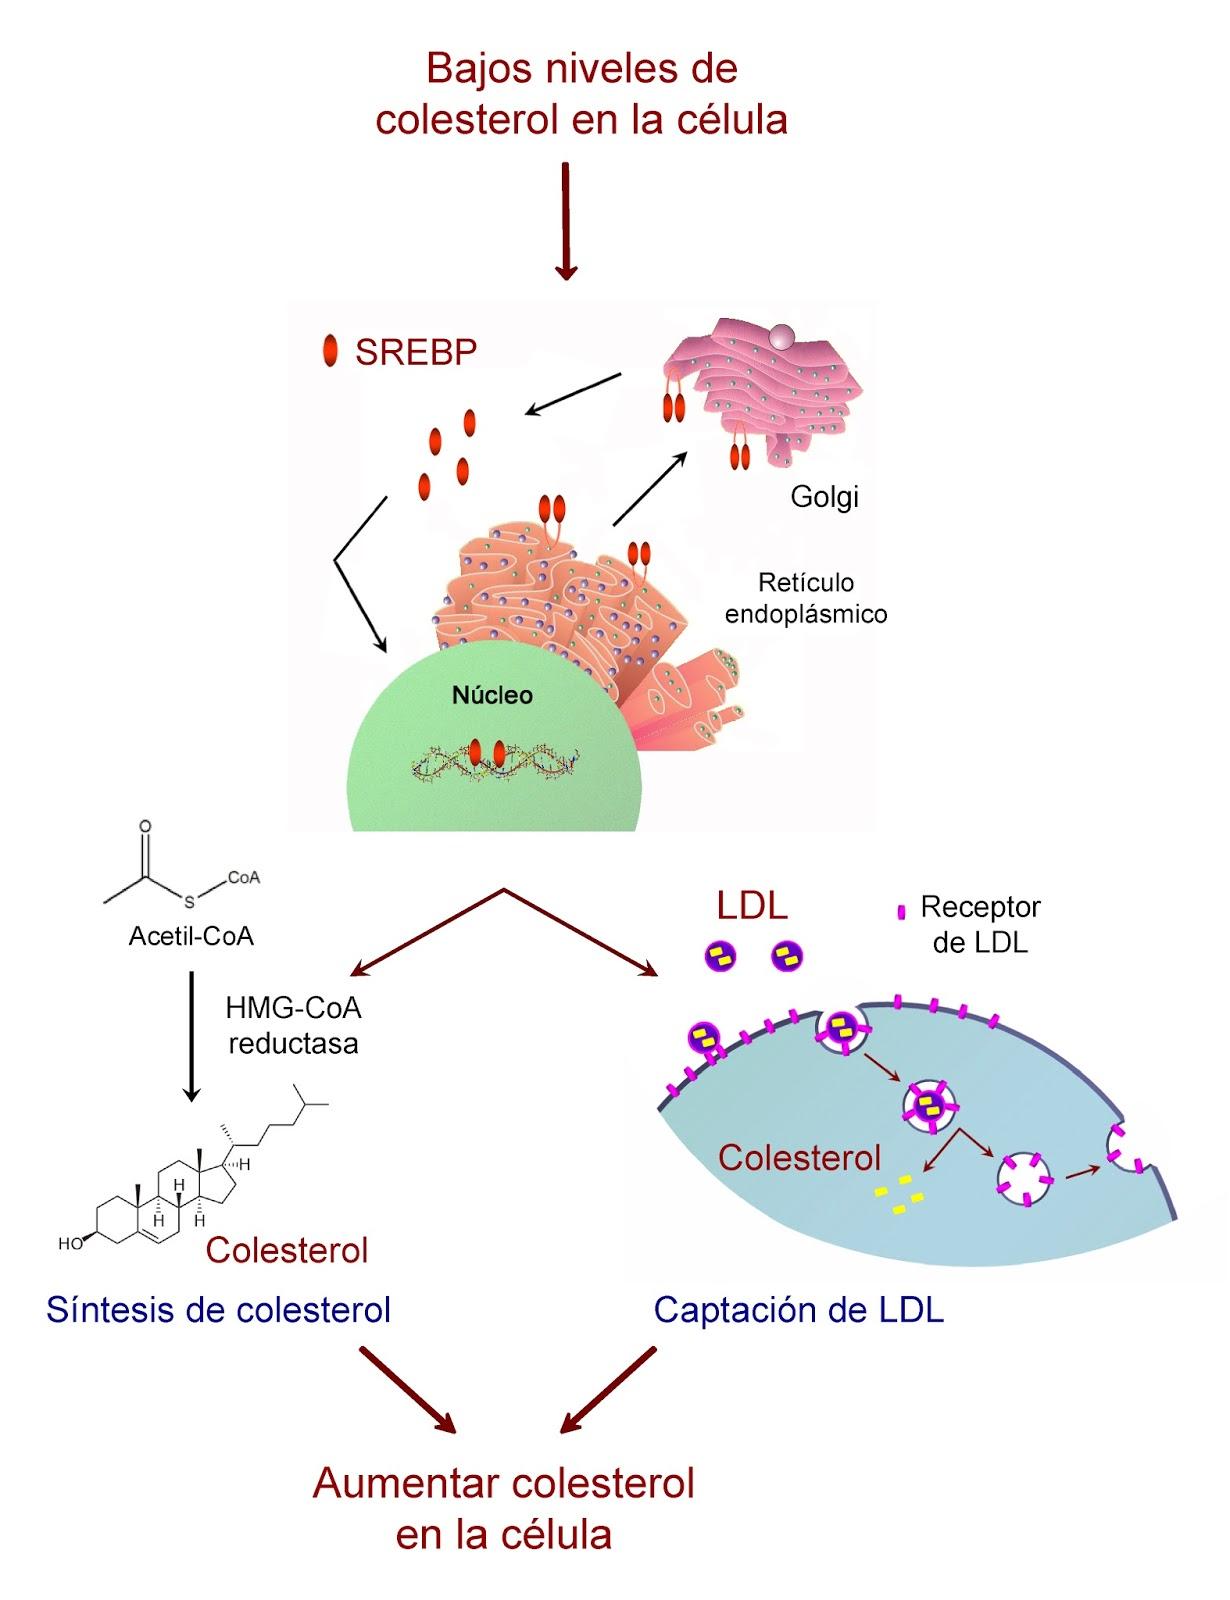 Mecanismos de regulación de los niveles de colesterol en la célula